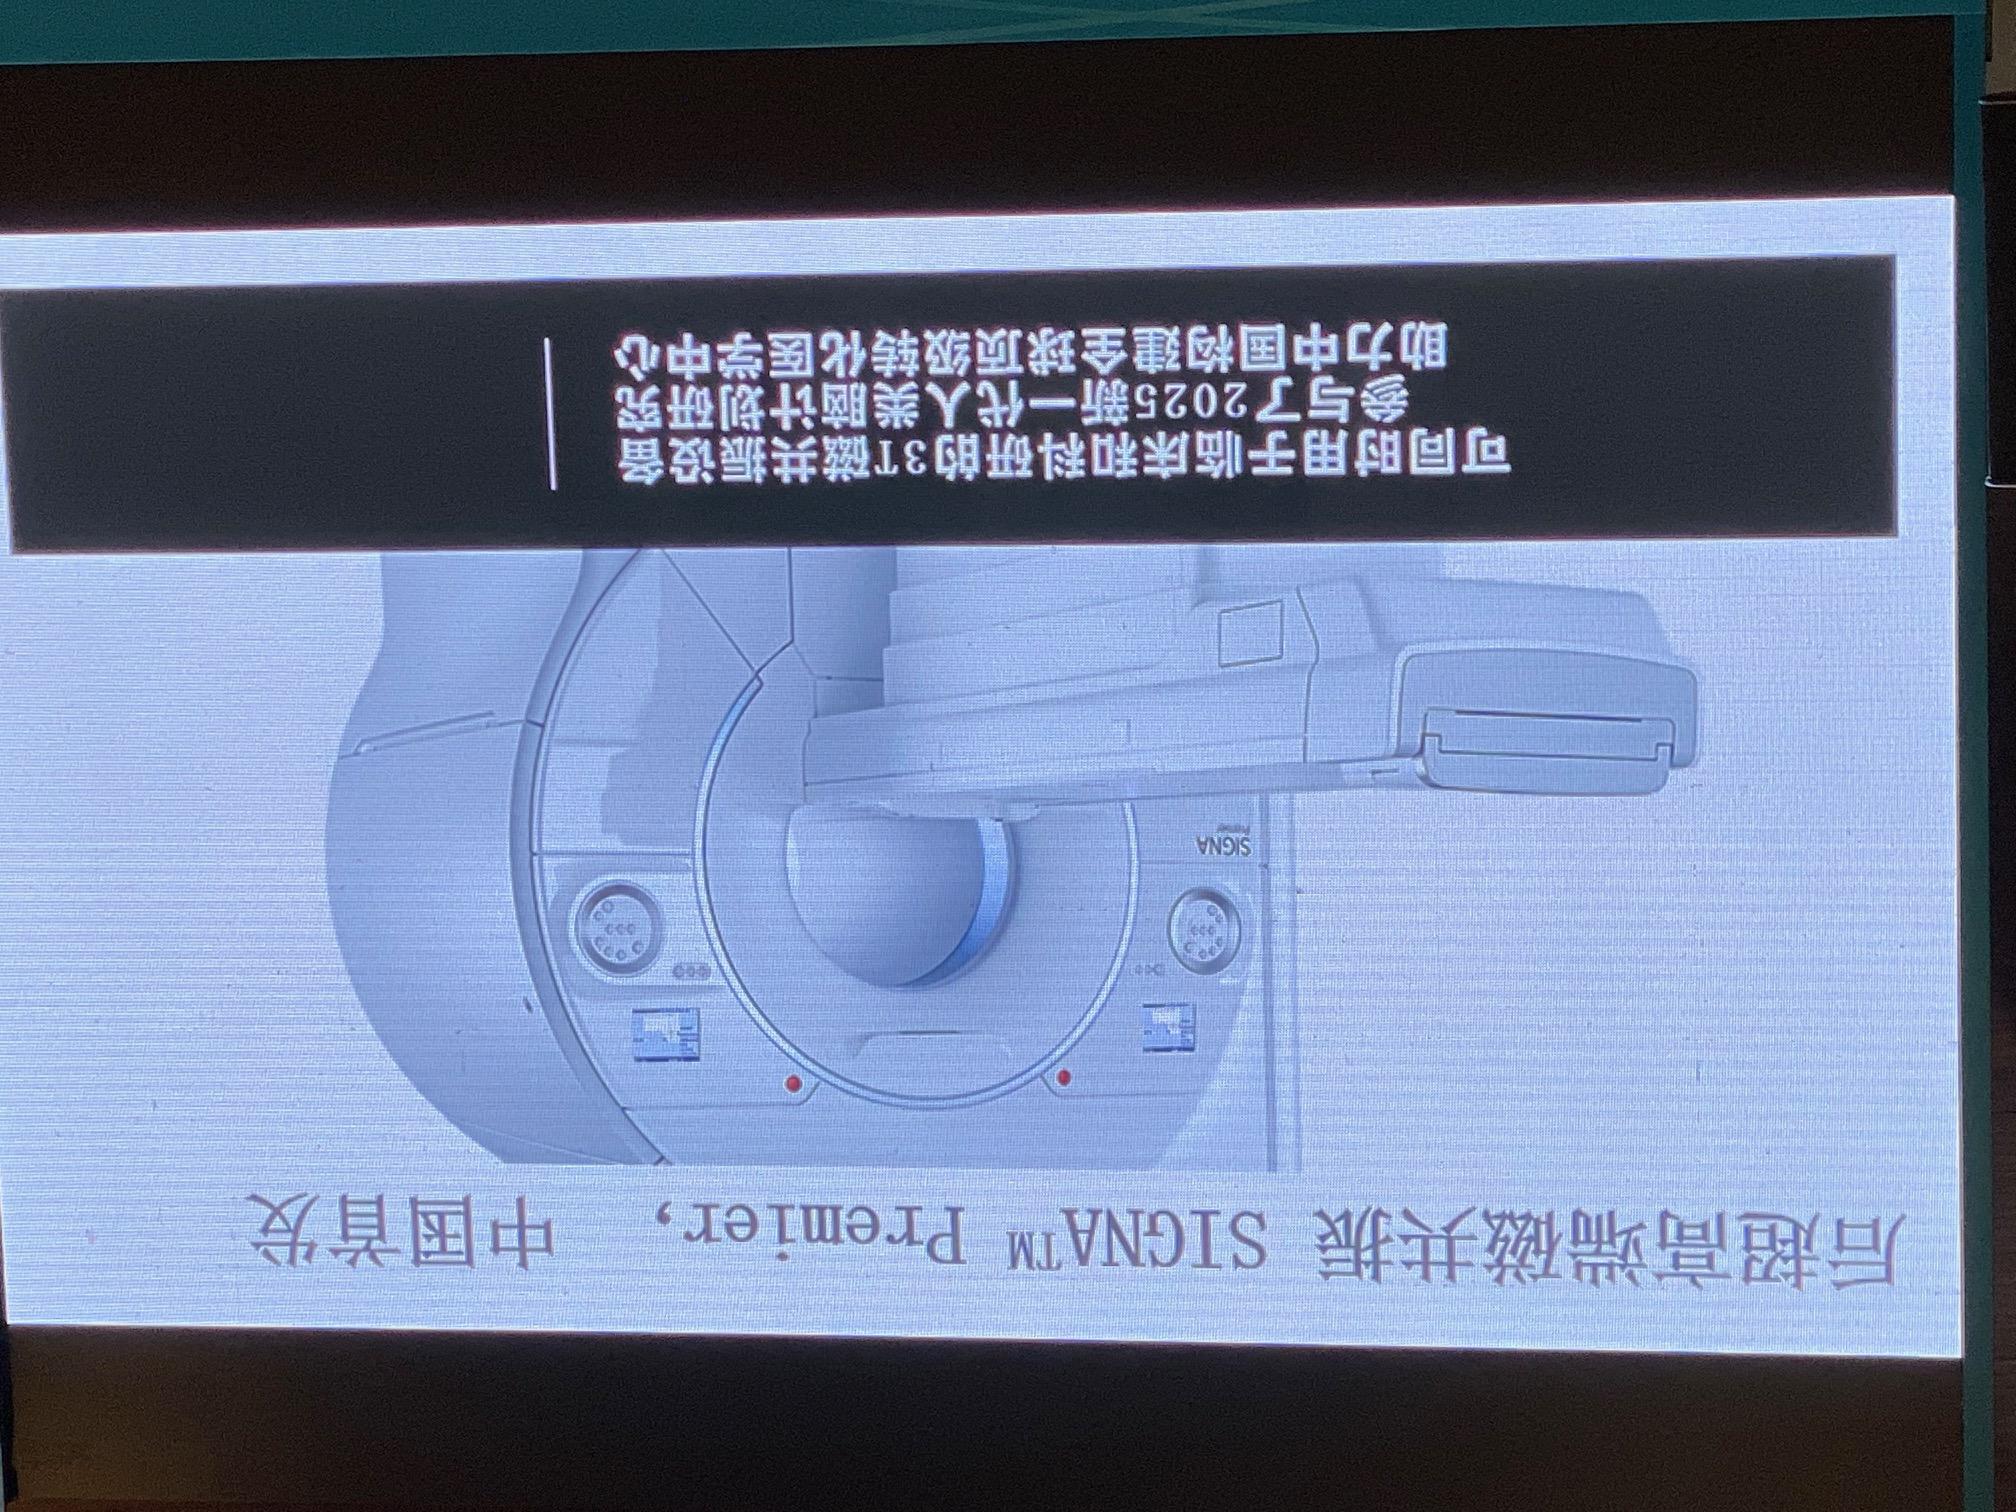 GE医疗将在进博会上中国始发全球最新的超高端核磁共振产品SIGNA Premier